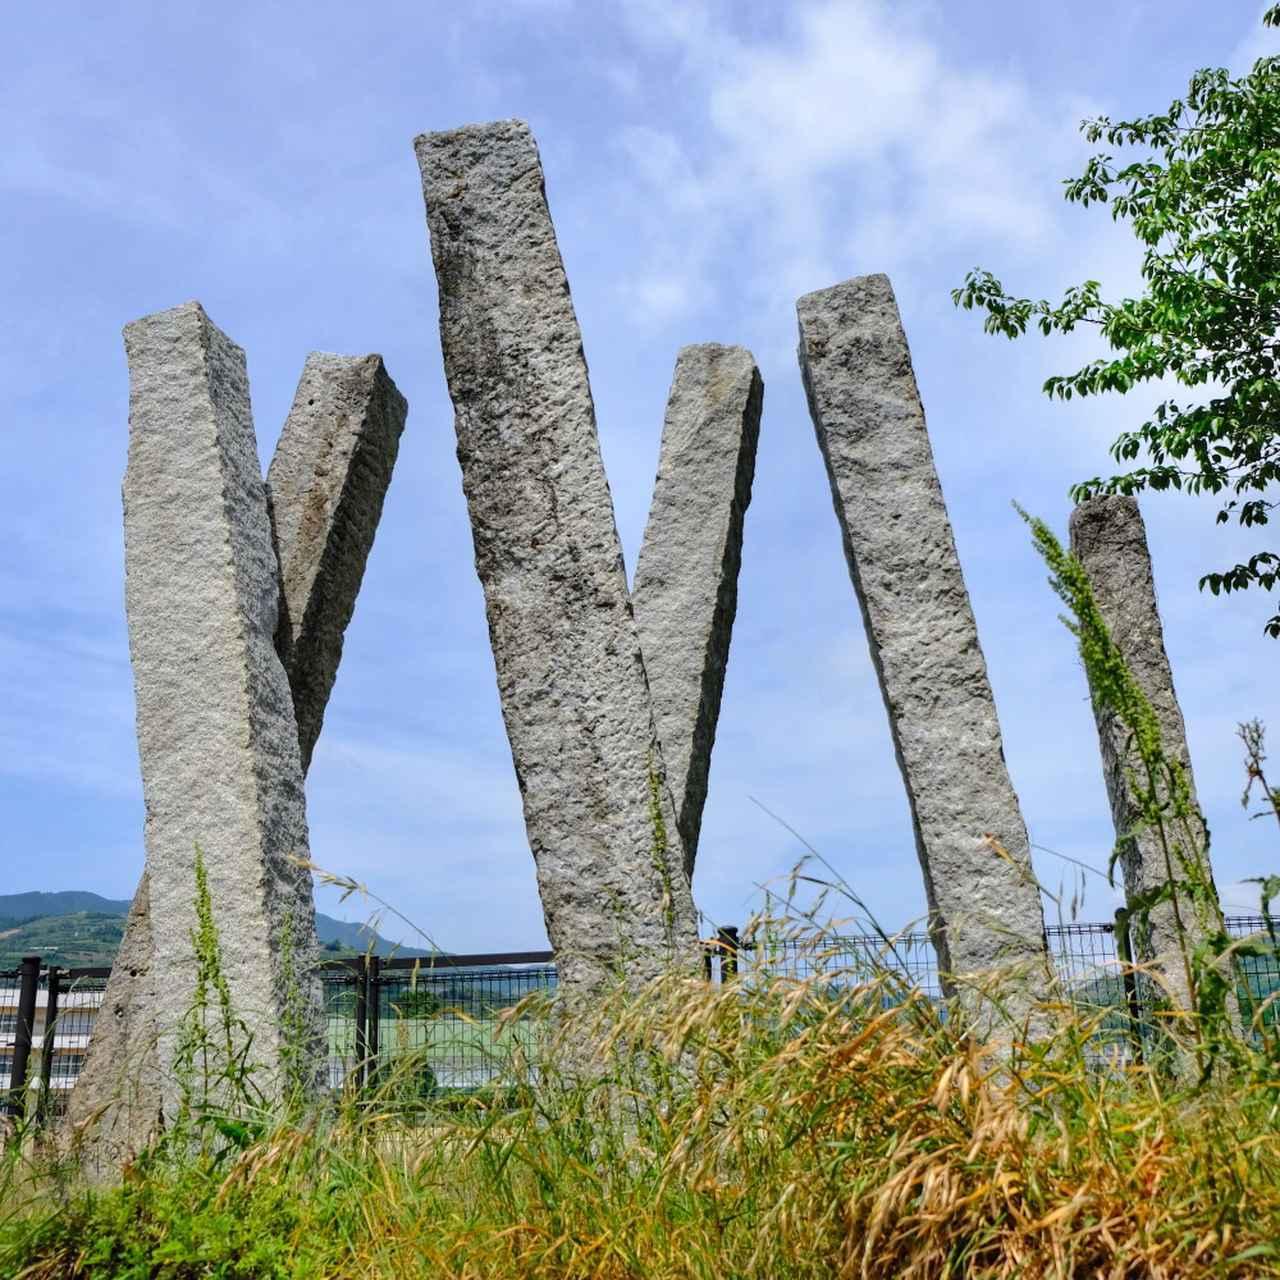 画像: 平成11年の台風で倒壊した和田橋の部材をモニュメントに。戦中の鉄材不足から鉄筋ではなく竹筋で作られた珍しいコンクリート柱でした。